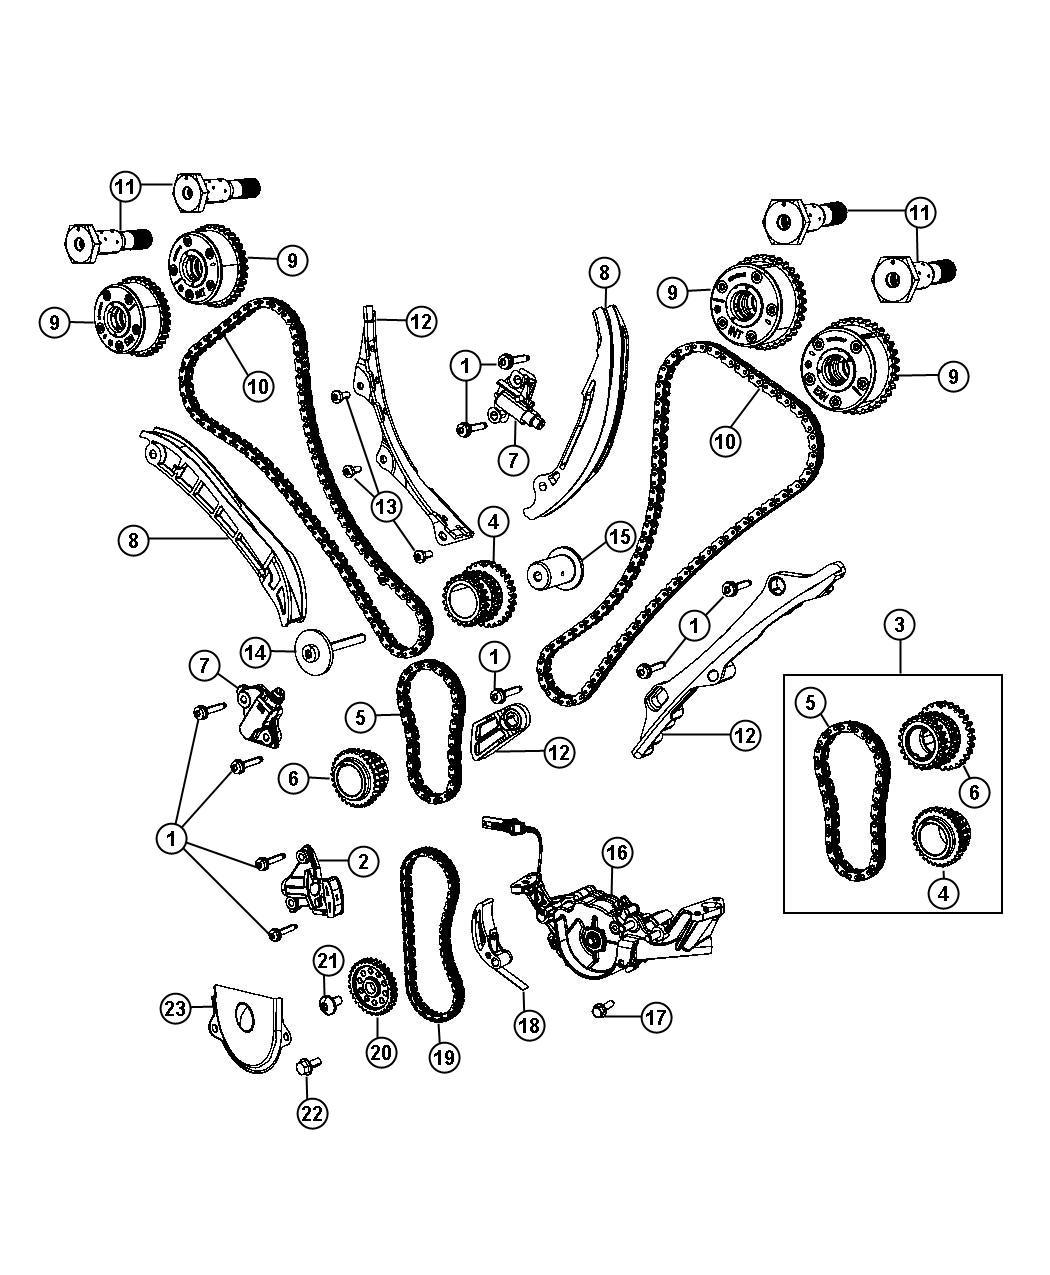 dodge challenger engine diagram dodge avenger engine diagram – Dodge Ram Hemi Engine Diagram